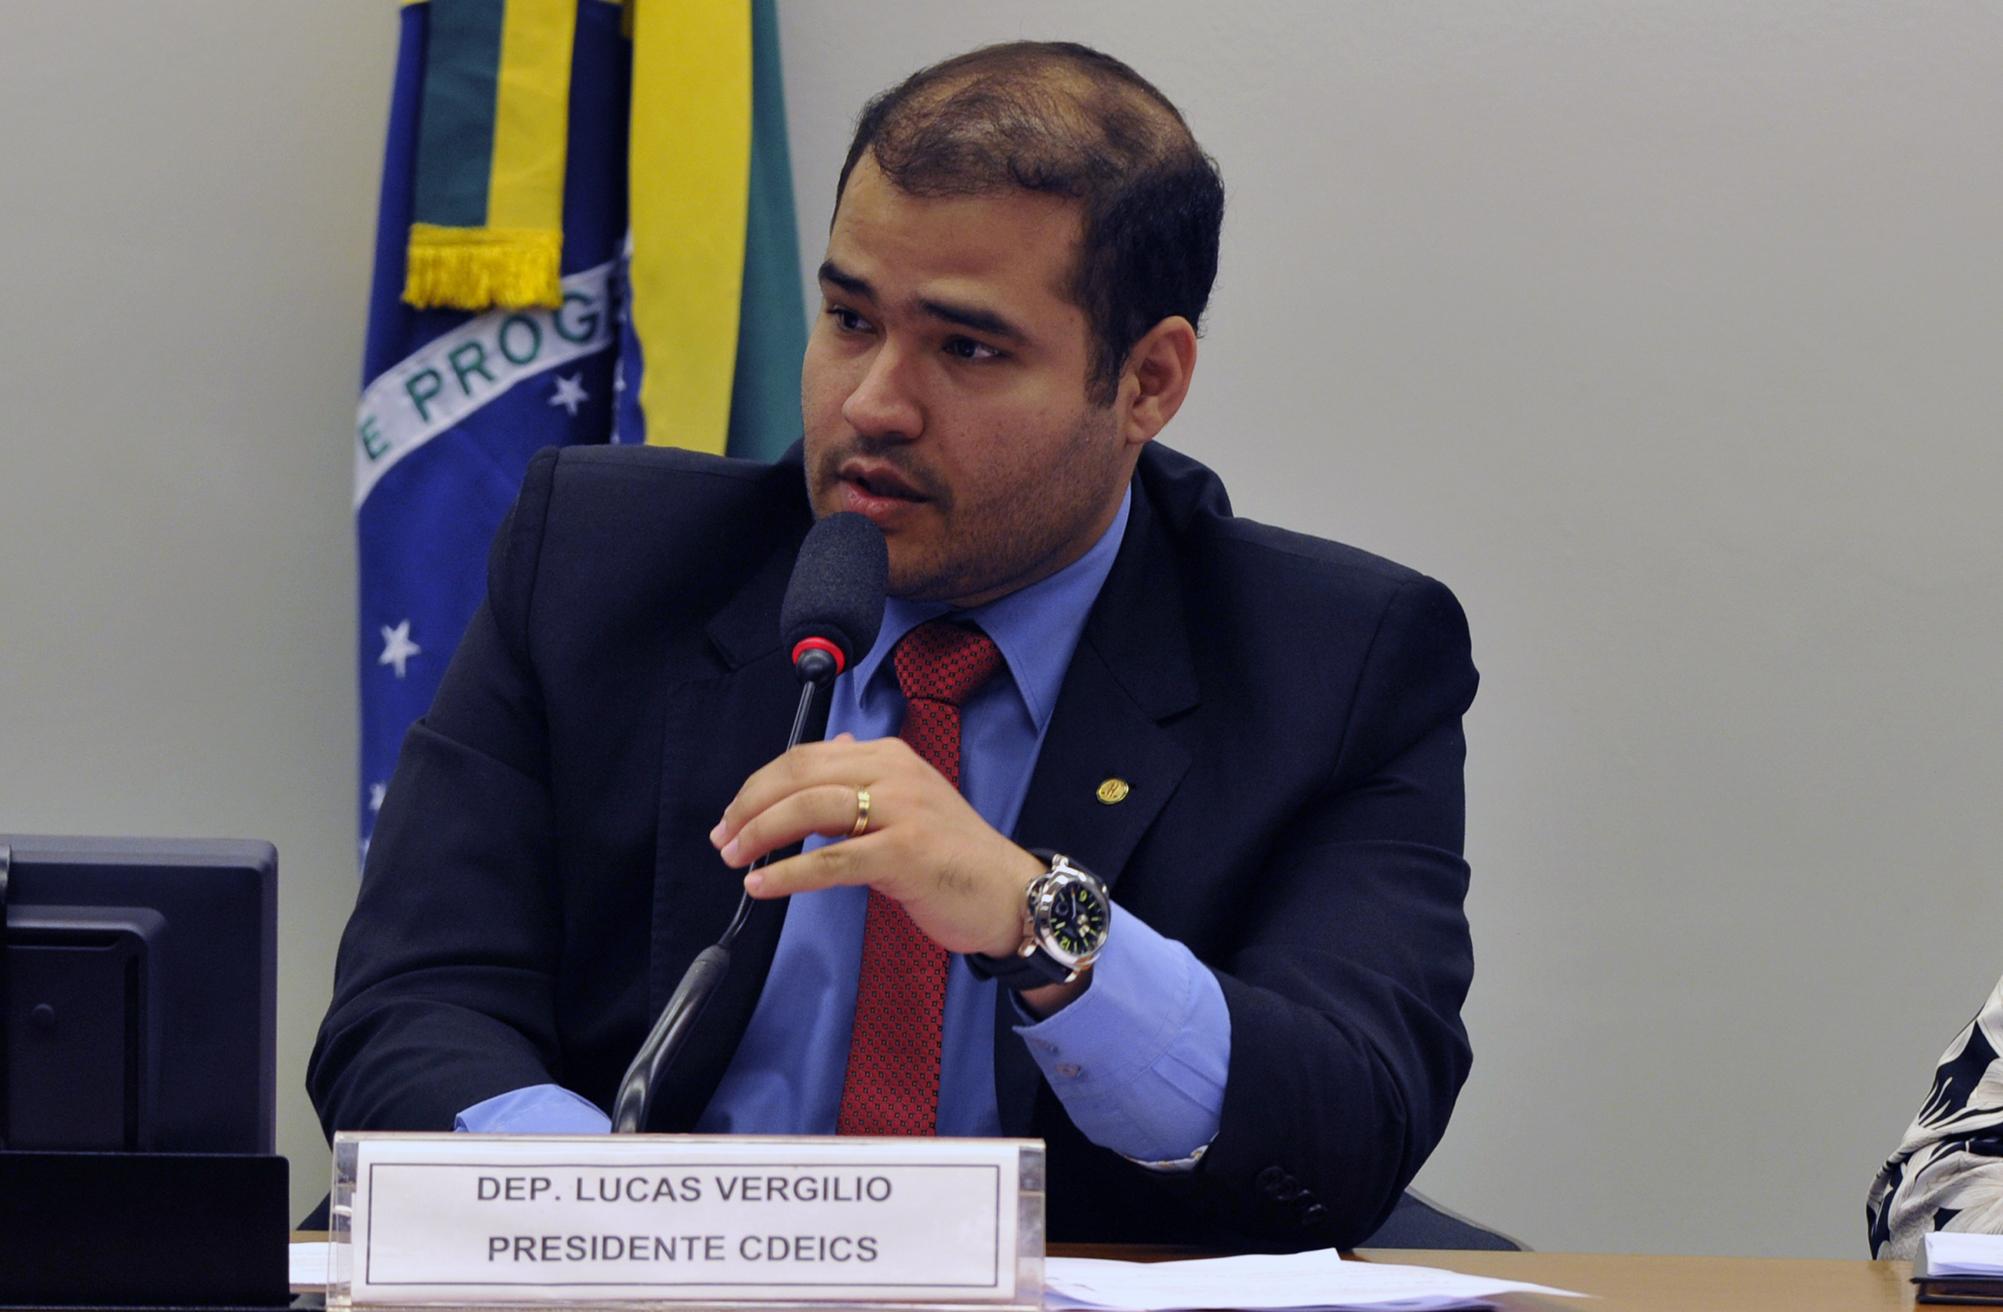 """Audiência pública sobre possíveis consequências para o desenvolvimento econômico do País da """"Operação Carne Fraca"""", realizada pela Polícia Federal. Dep. Lucas Vergilio (SD - GO)"""